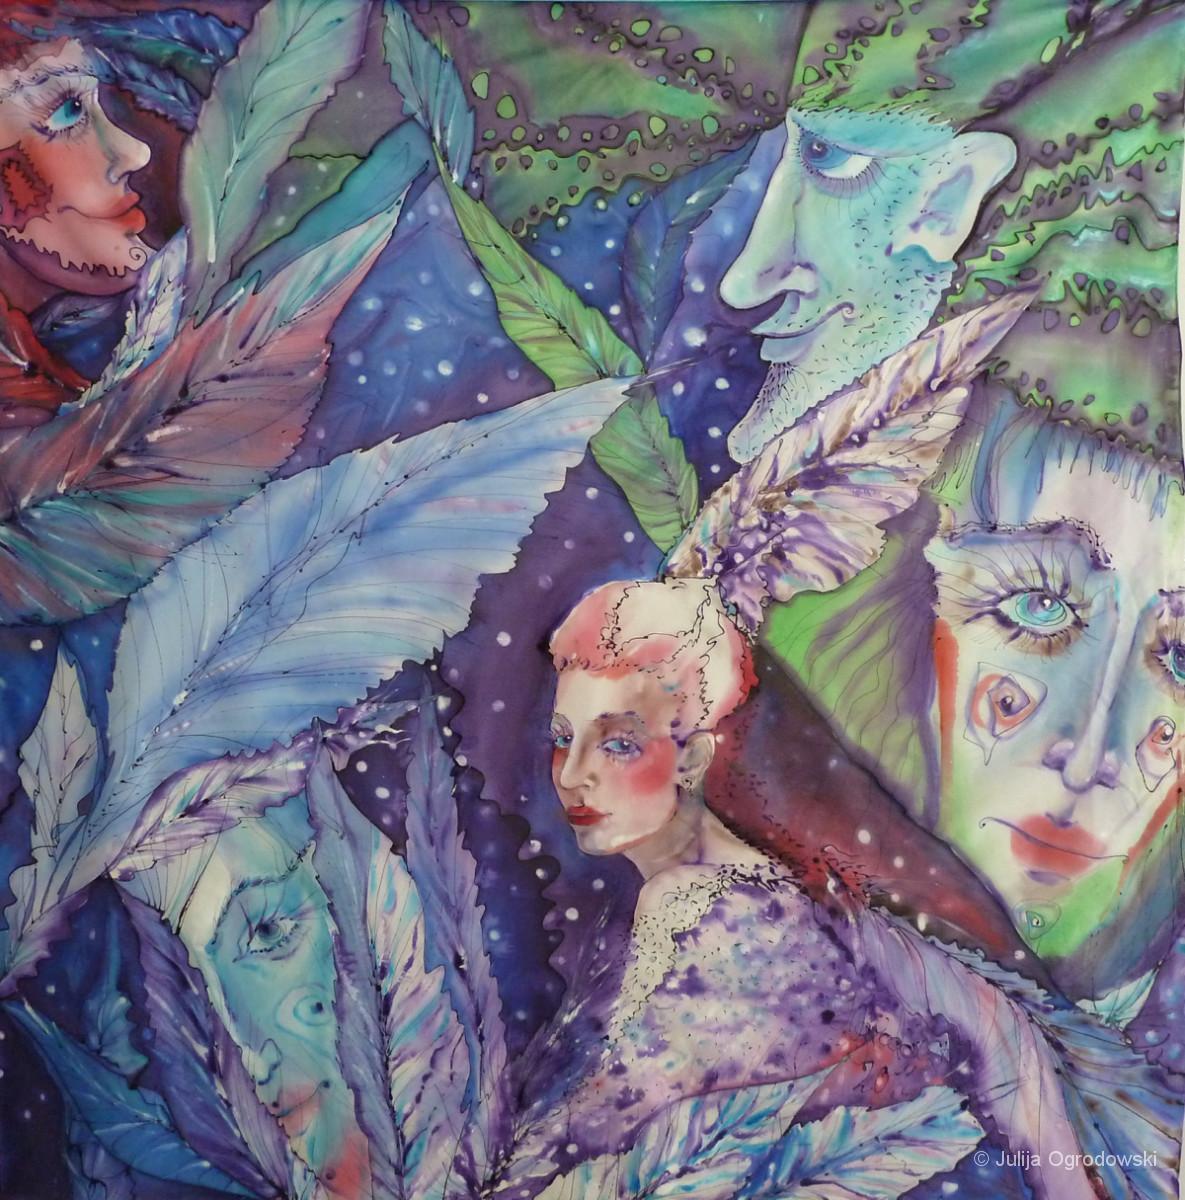 Metamorphose - Julija Ogrodowski